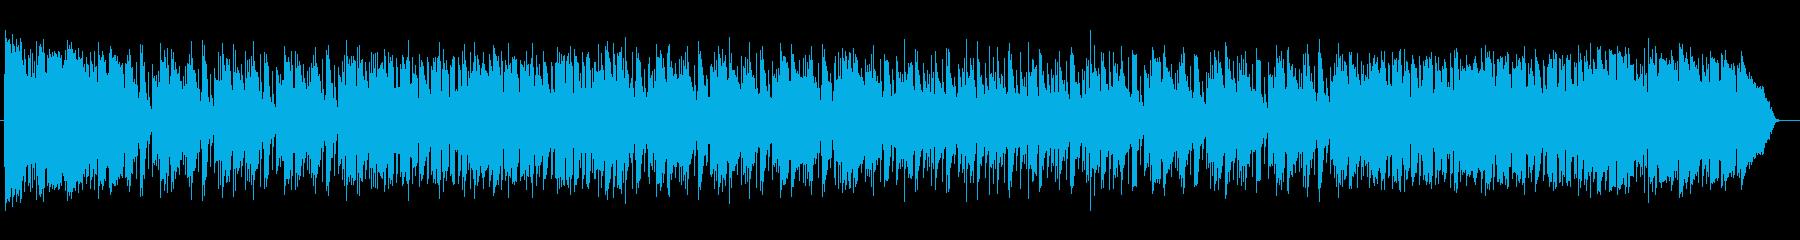 温もりある可憐でクラシカルなサウンドの再生済みの波形